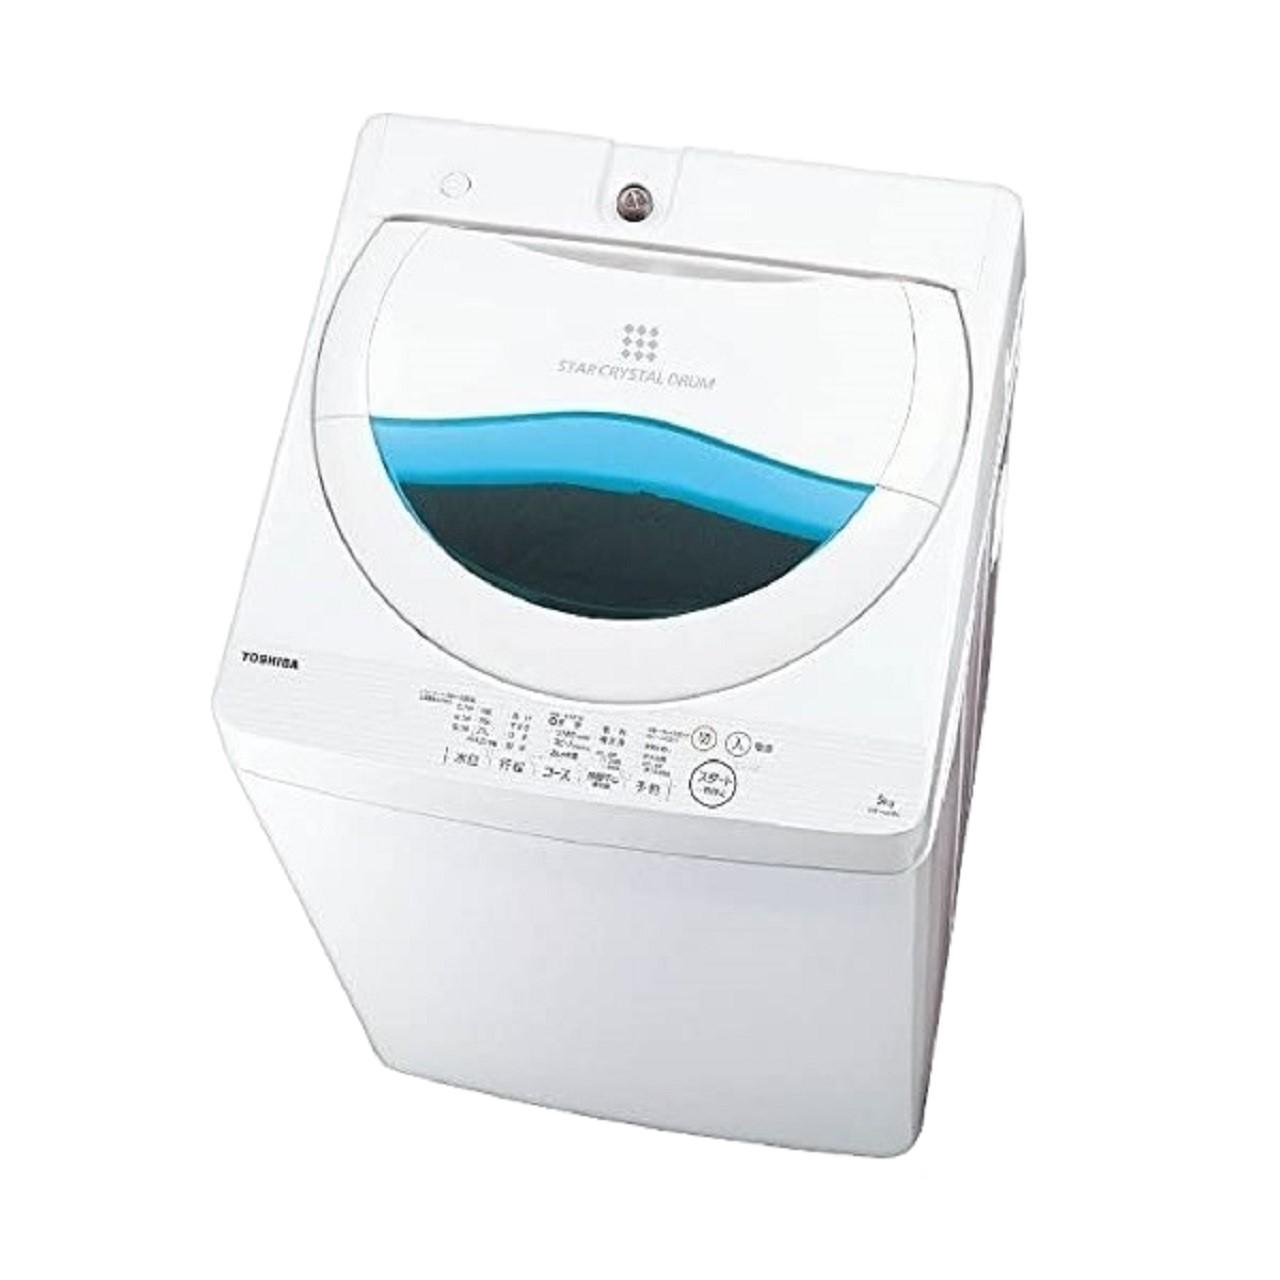 東芝AW-5G5全自動洗濯機